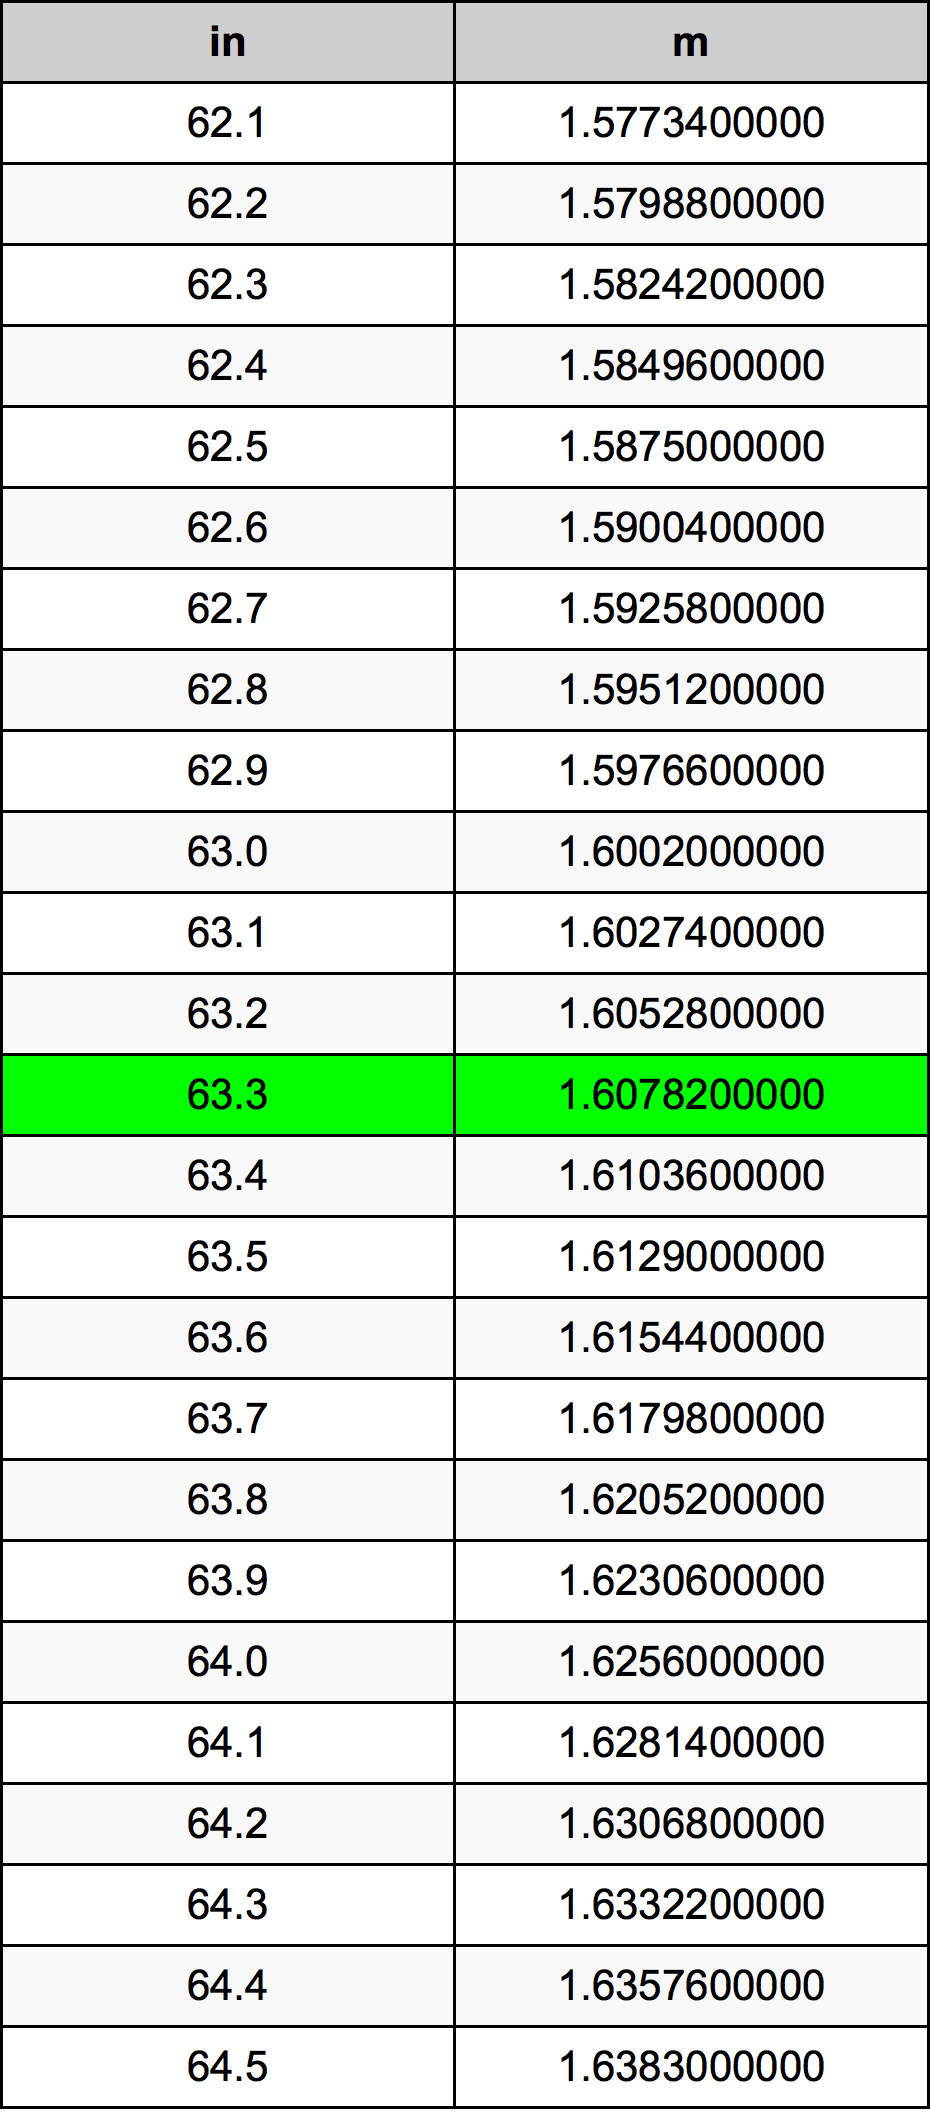 63.3 Polegada tabela de conversão